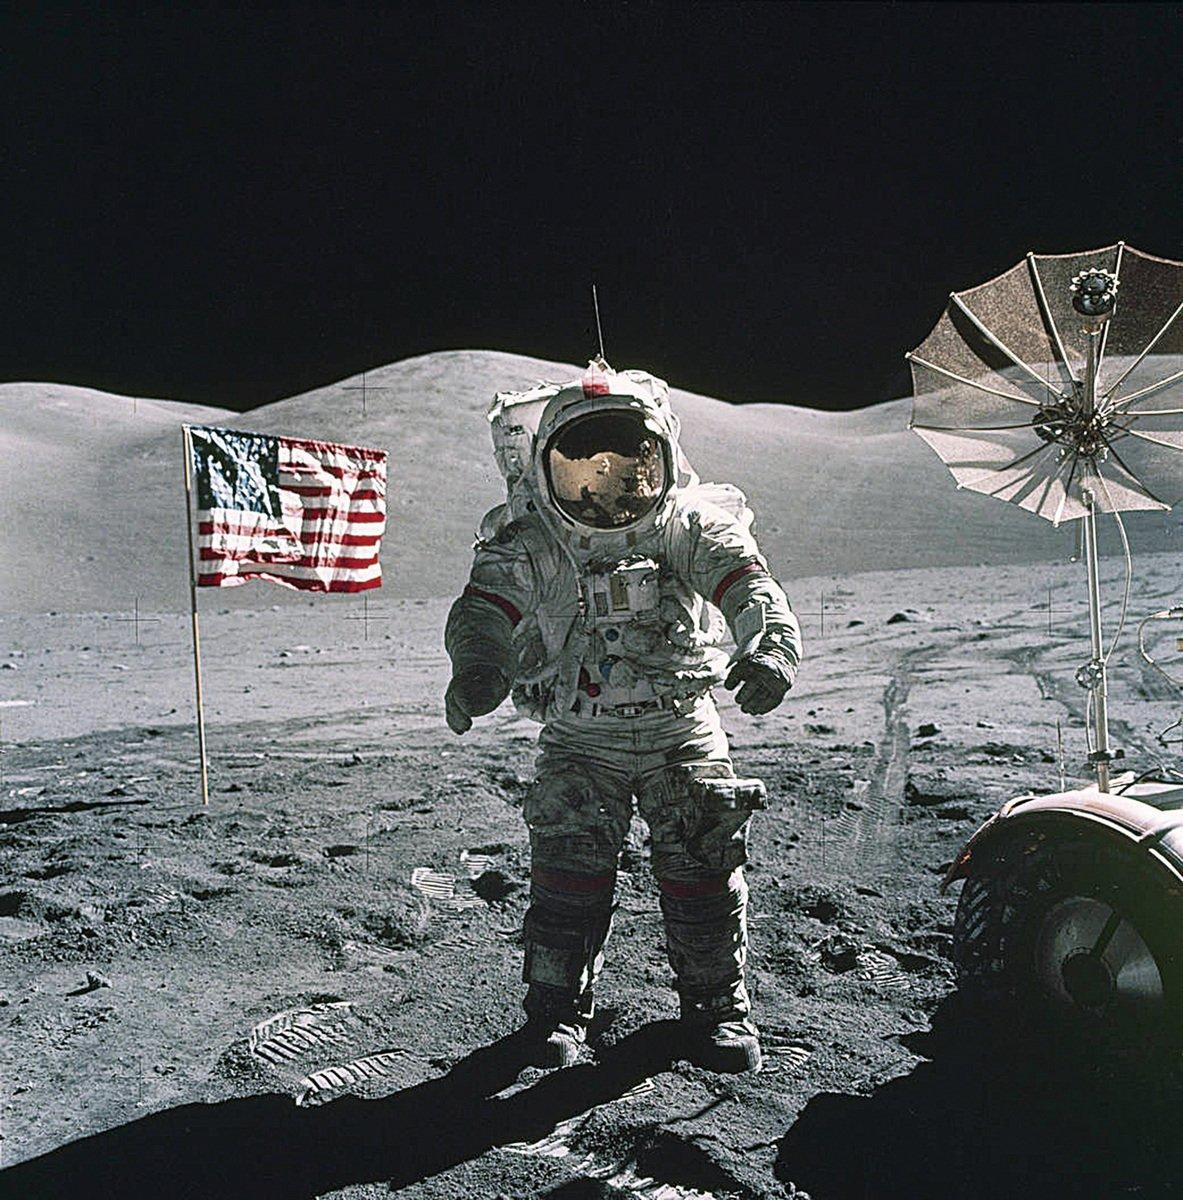 太空人攜回的月球岩石,已被測定有43億年至46億年的歷史,這已相當於太陽系的歷史了。(NASA)